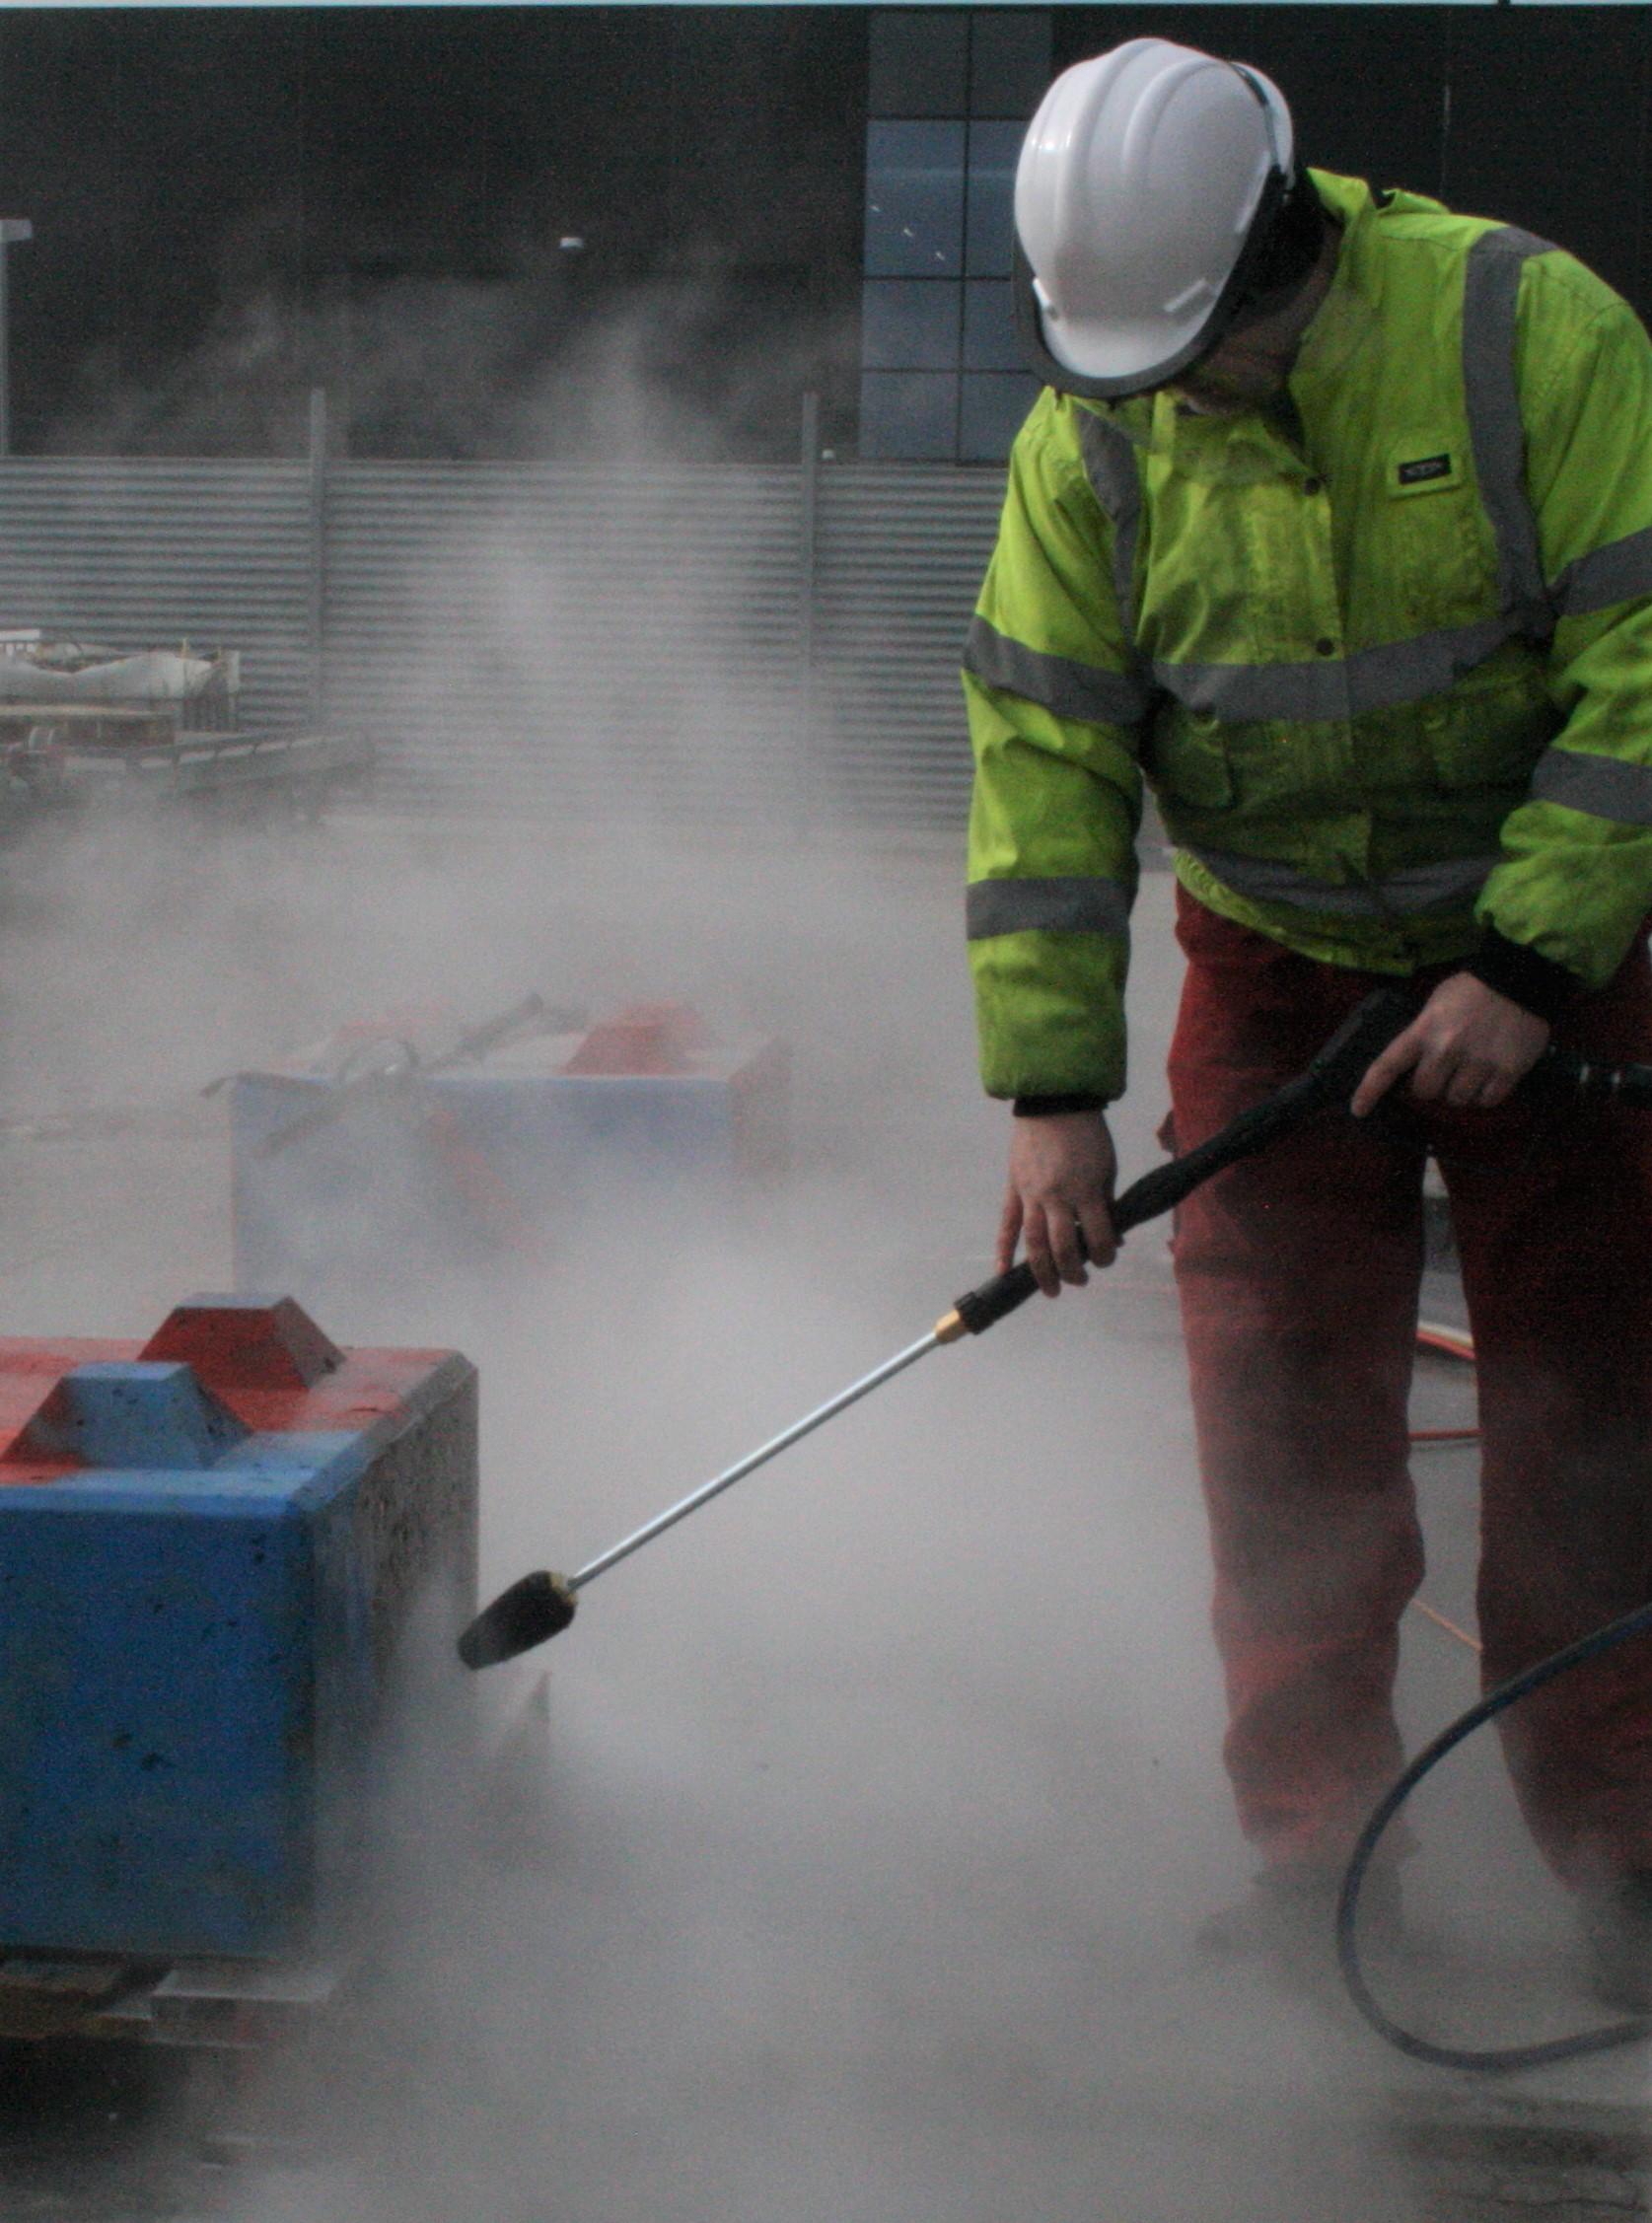 Heine foretager grafittiafrensning med en højtryksrenser